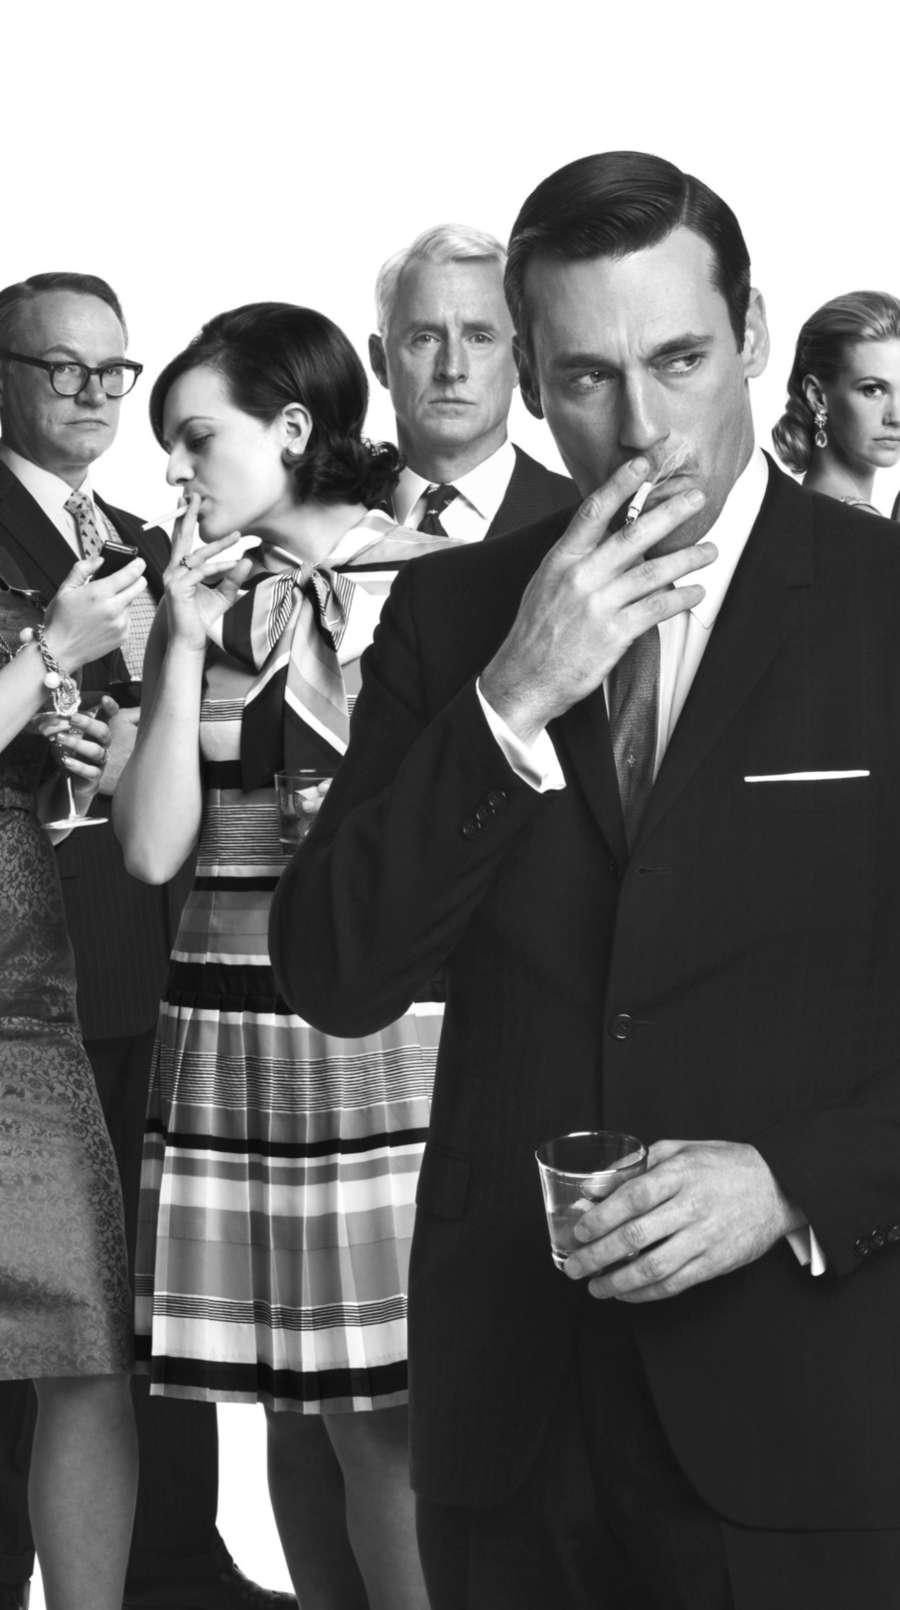 Mad Men Image Courtesy: AMC, New York On My Mind